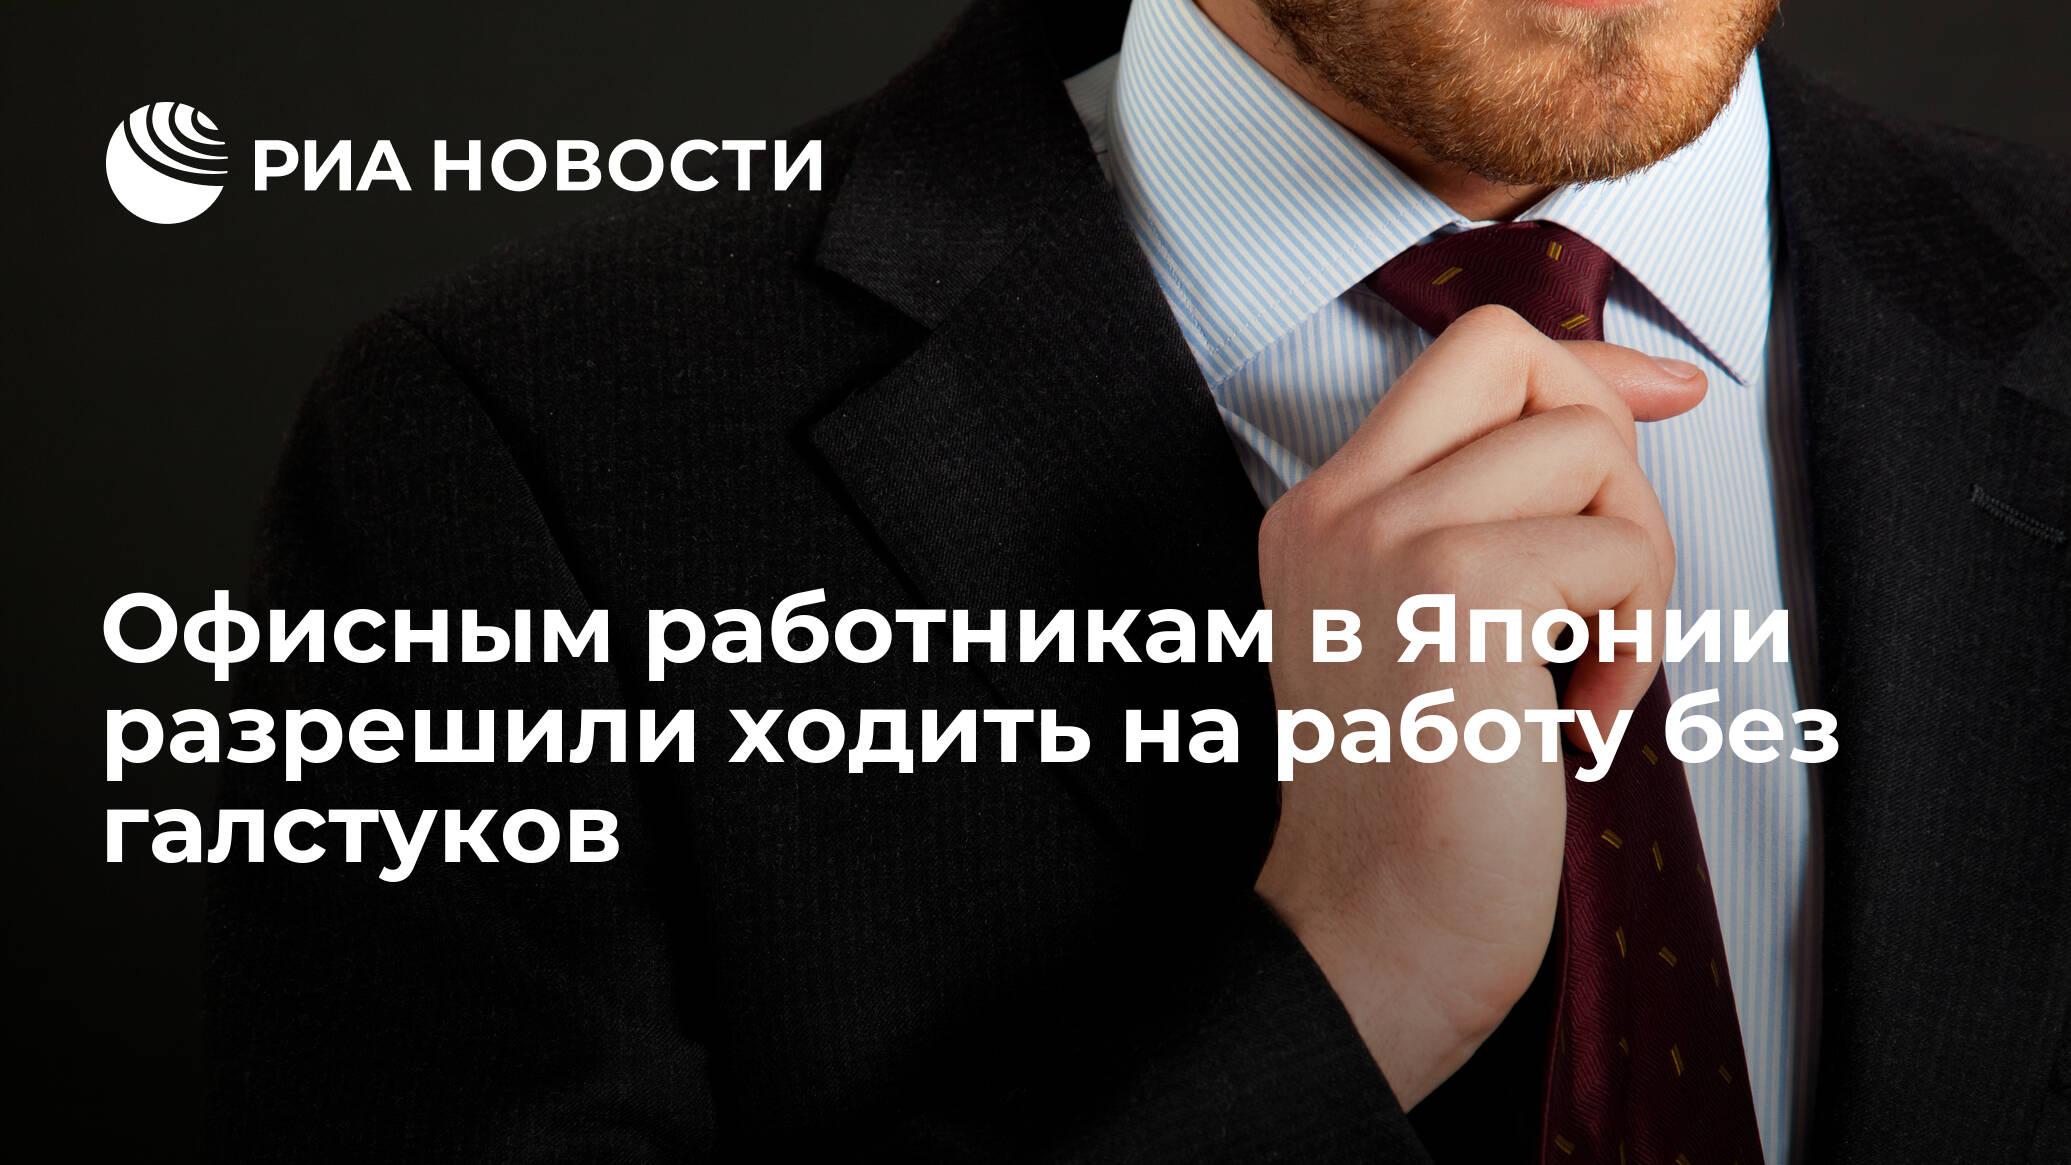 d20962305 Офисным работникам в Японии разрешили ходить на работу без галстуков - РИА  Новости, 01.05.2014